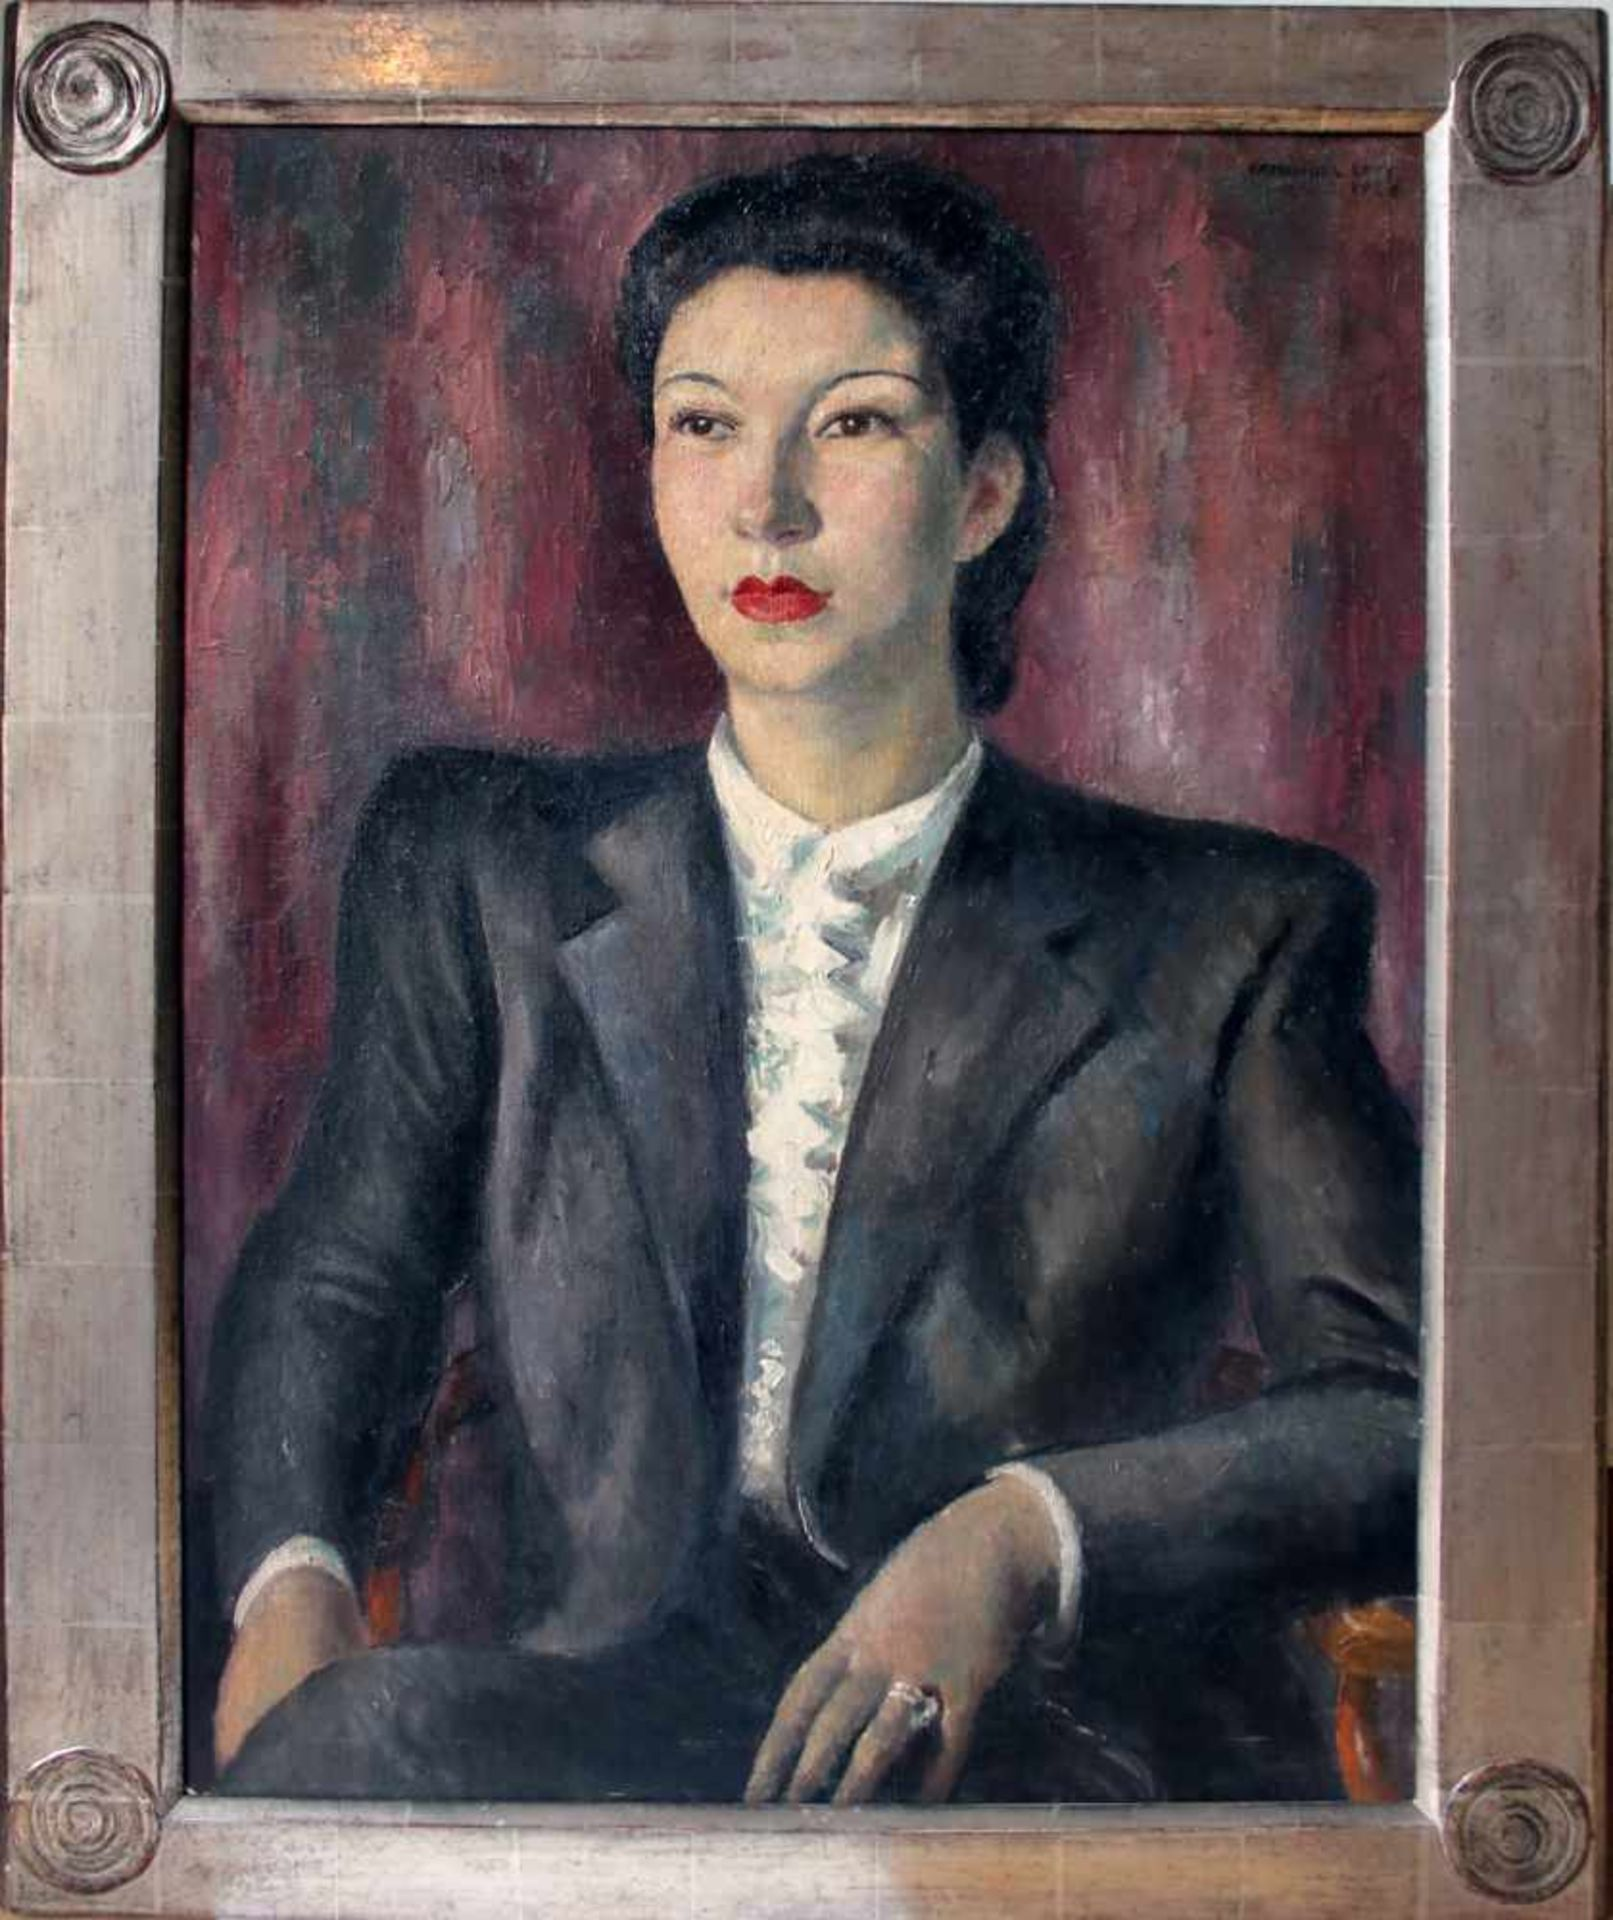 Emmanuel Levy (1900 - 1986) Portrait einer Dame 1926 Öl auf Leinwand Signiert und datiert 73,5 x